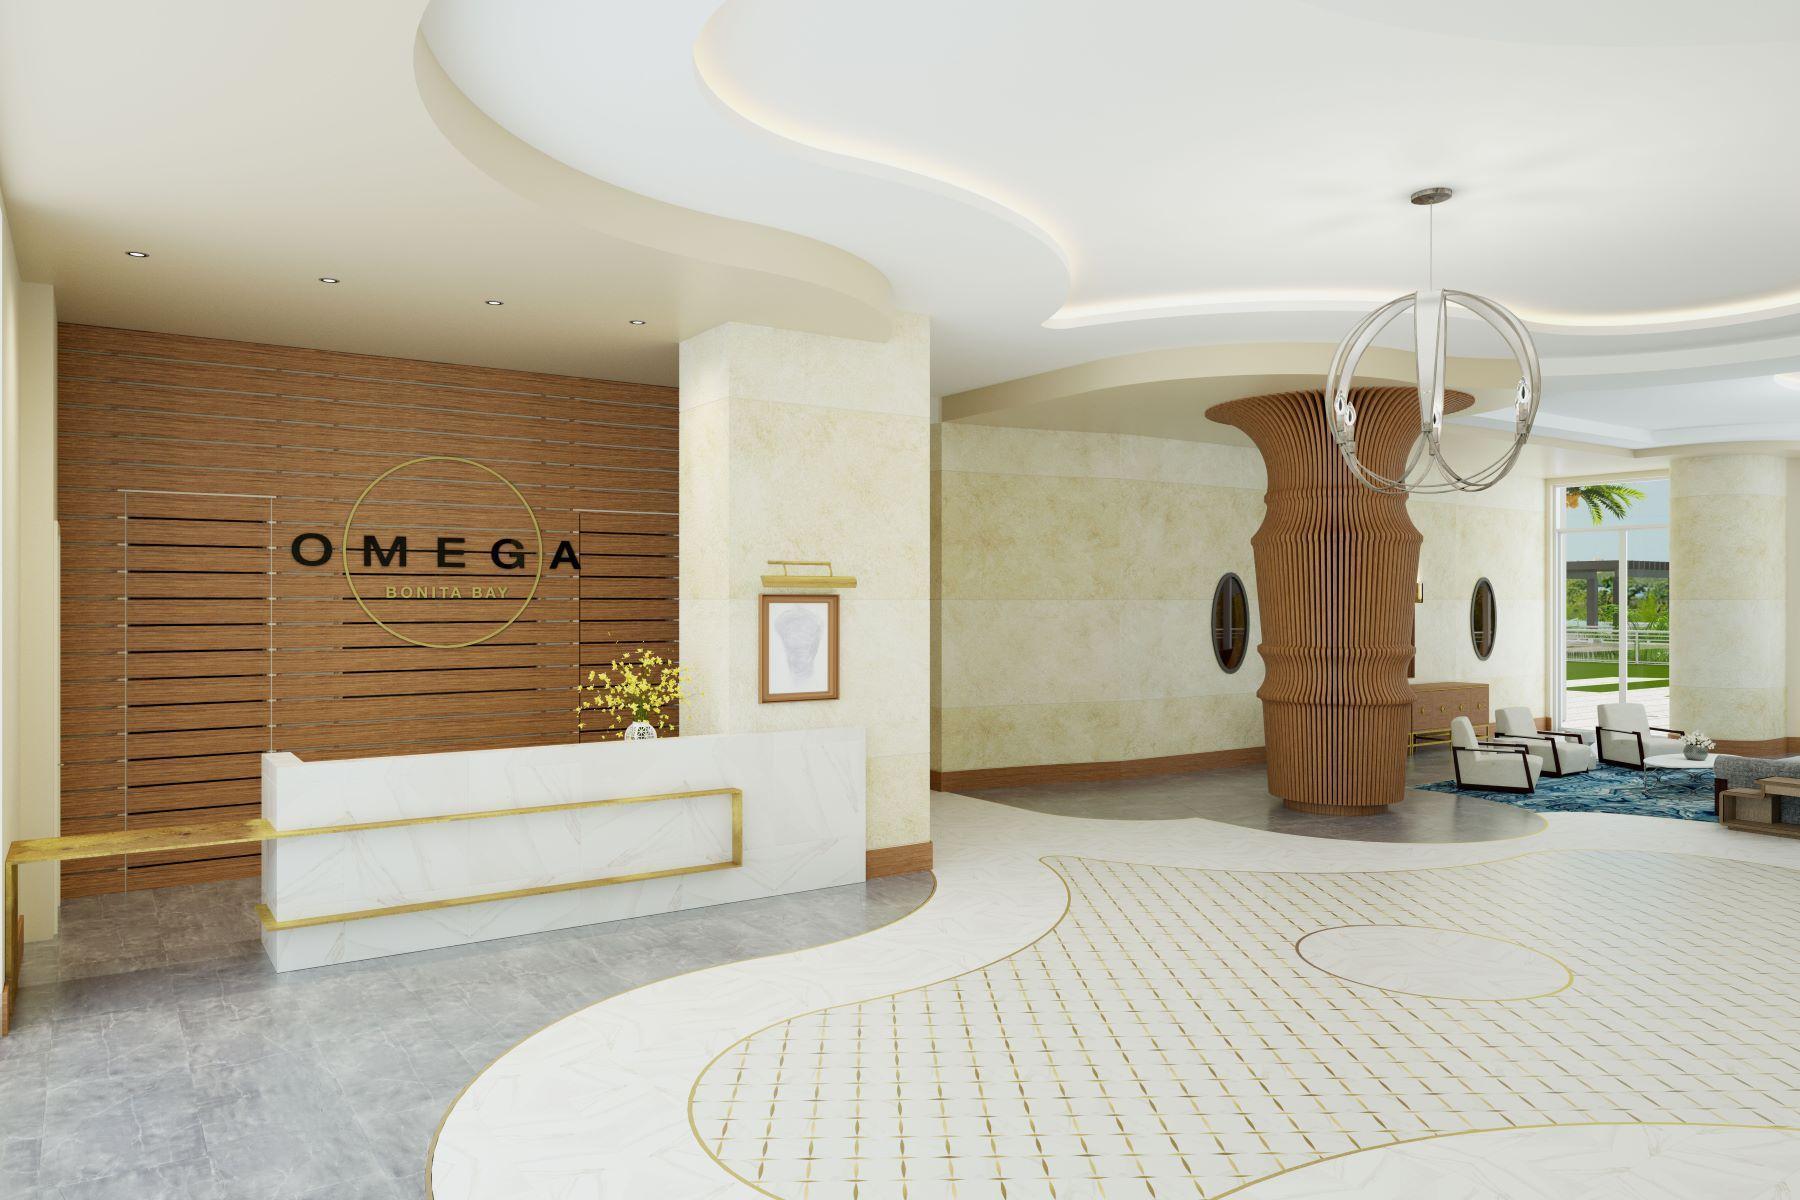 Omega Residence 02